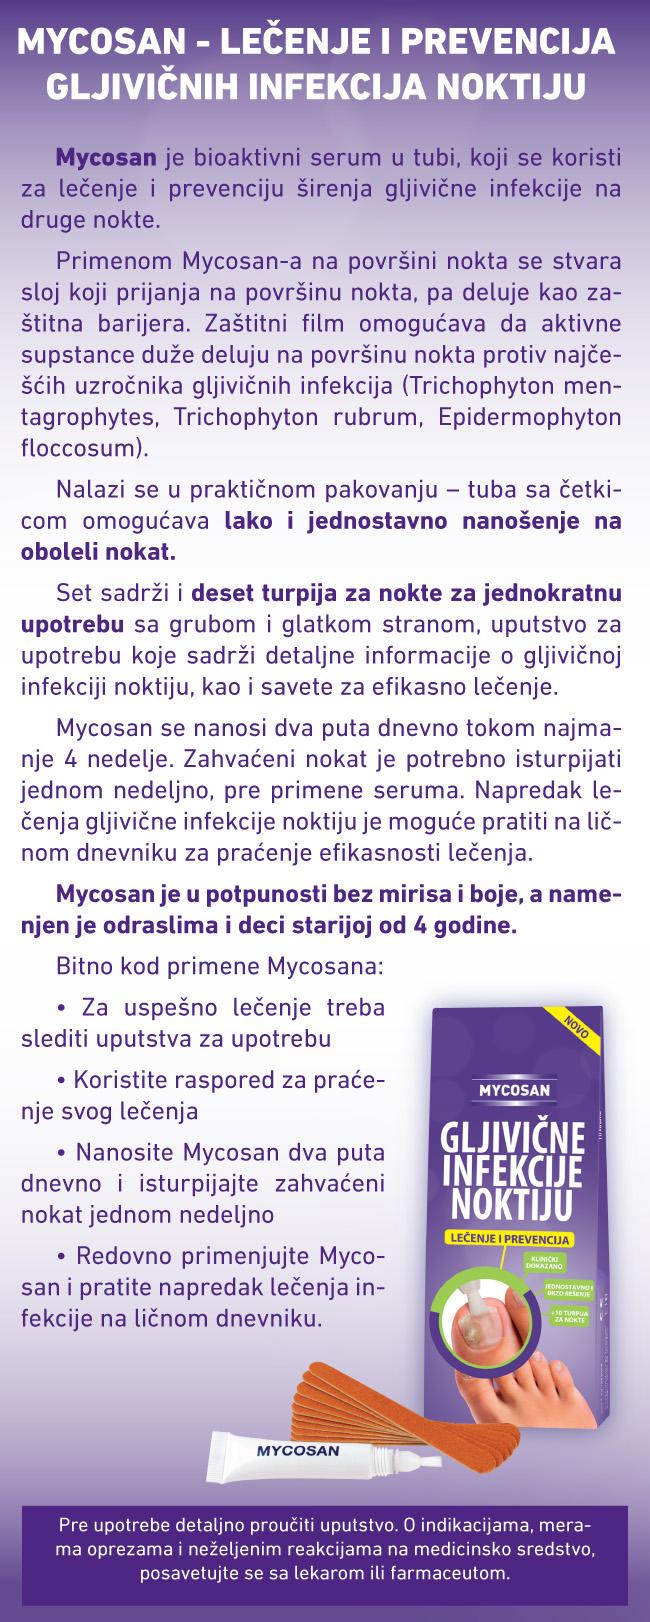 mycosan Rešite se gljivičnih infekcija noktiju!